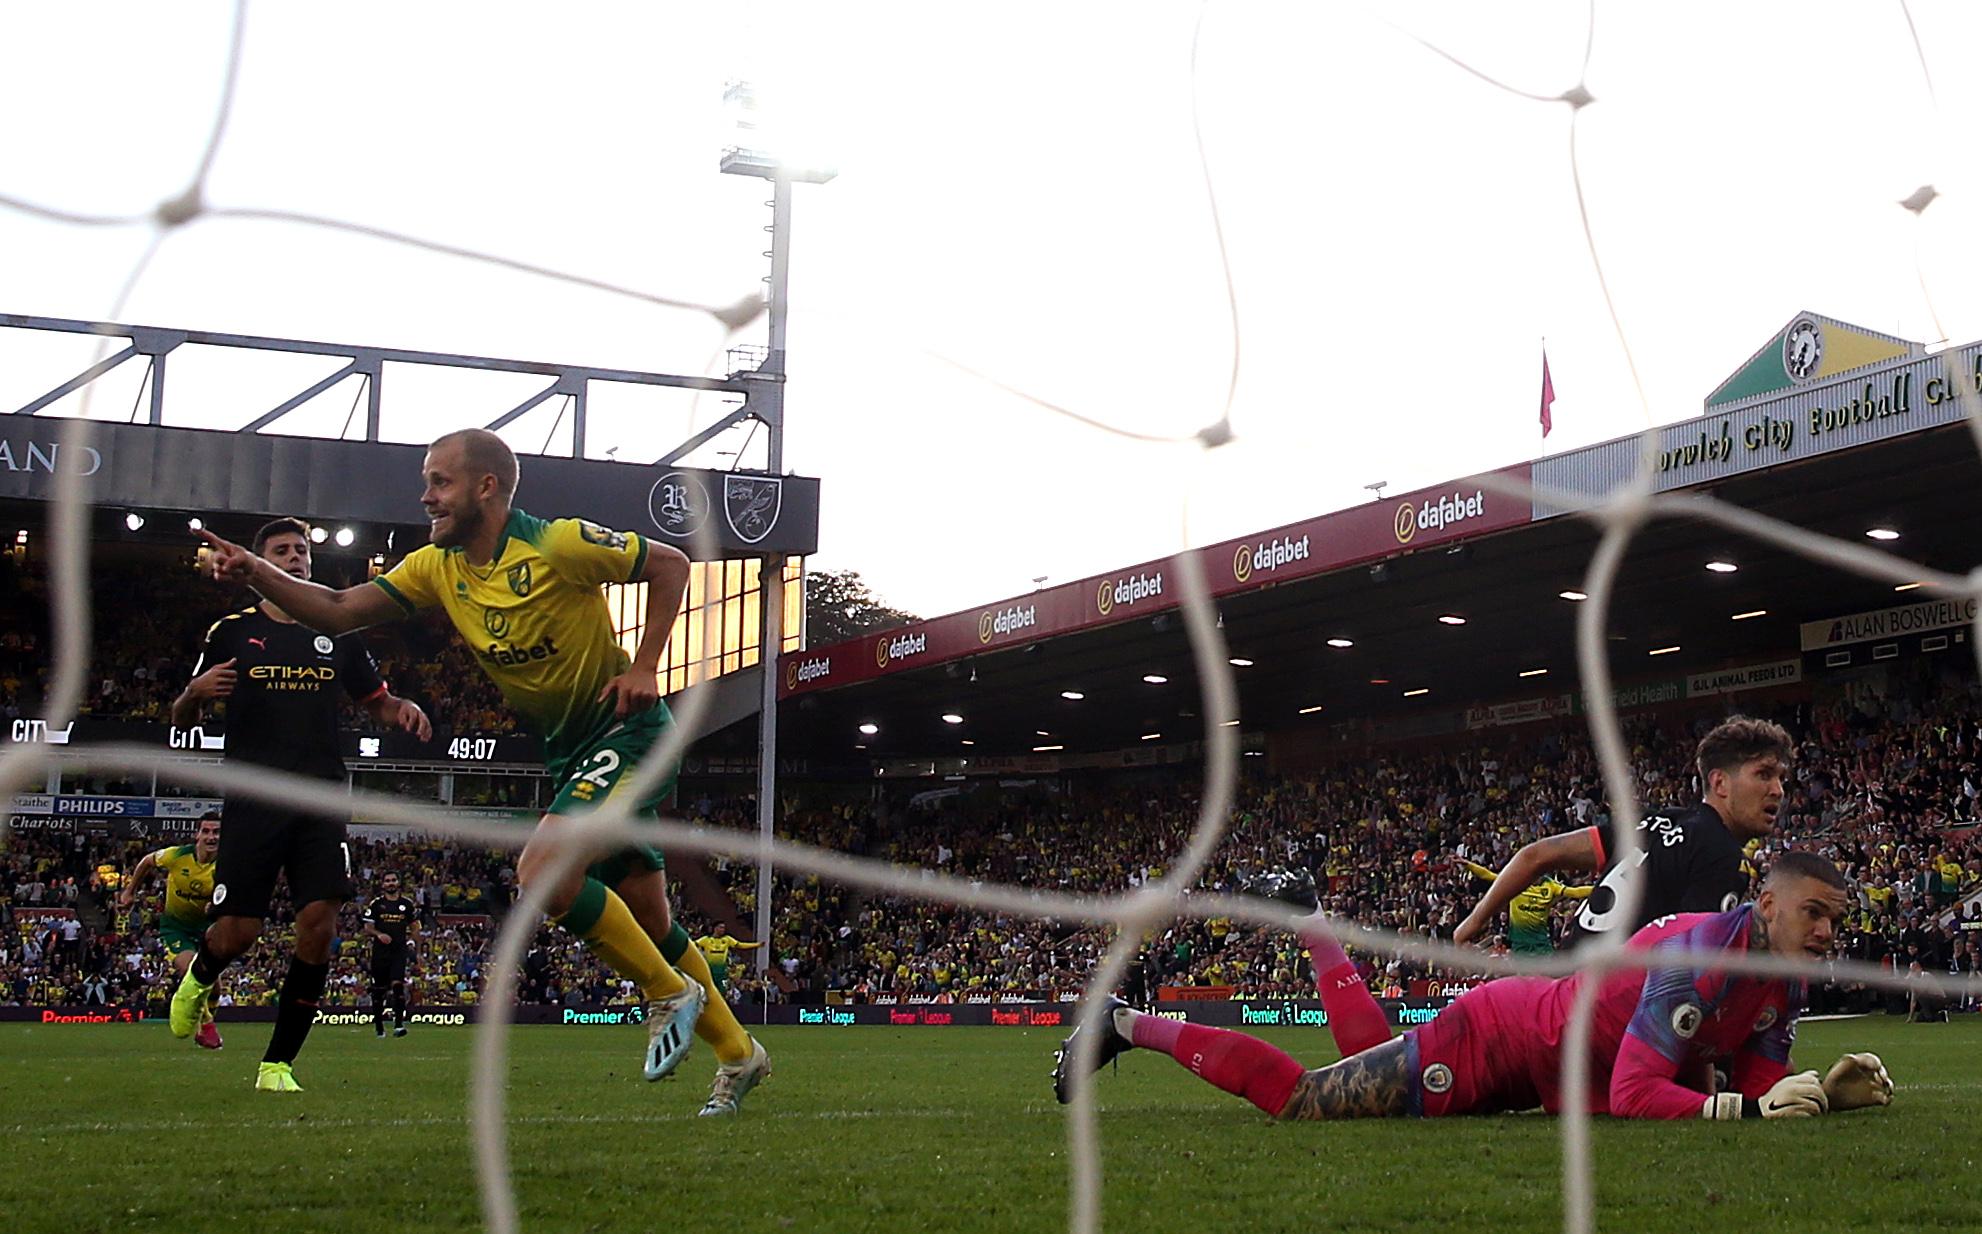 Norwich City v Manchester City - Premier League - Carrow Road